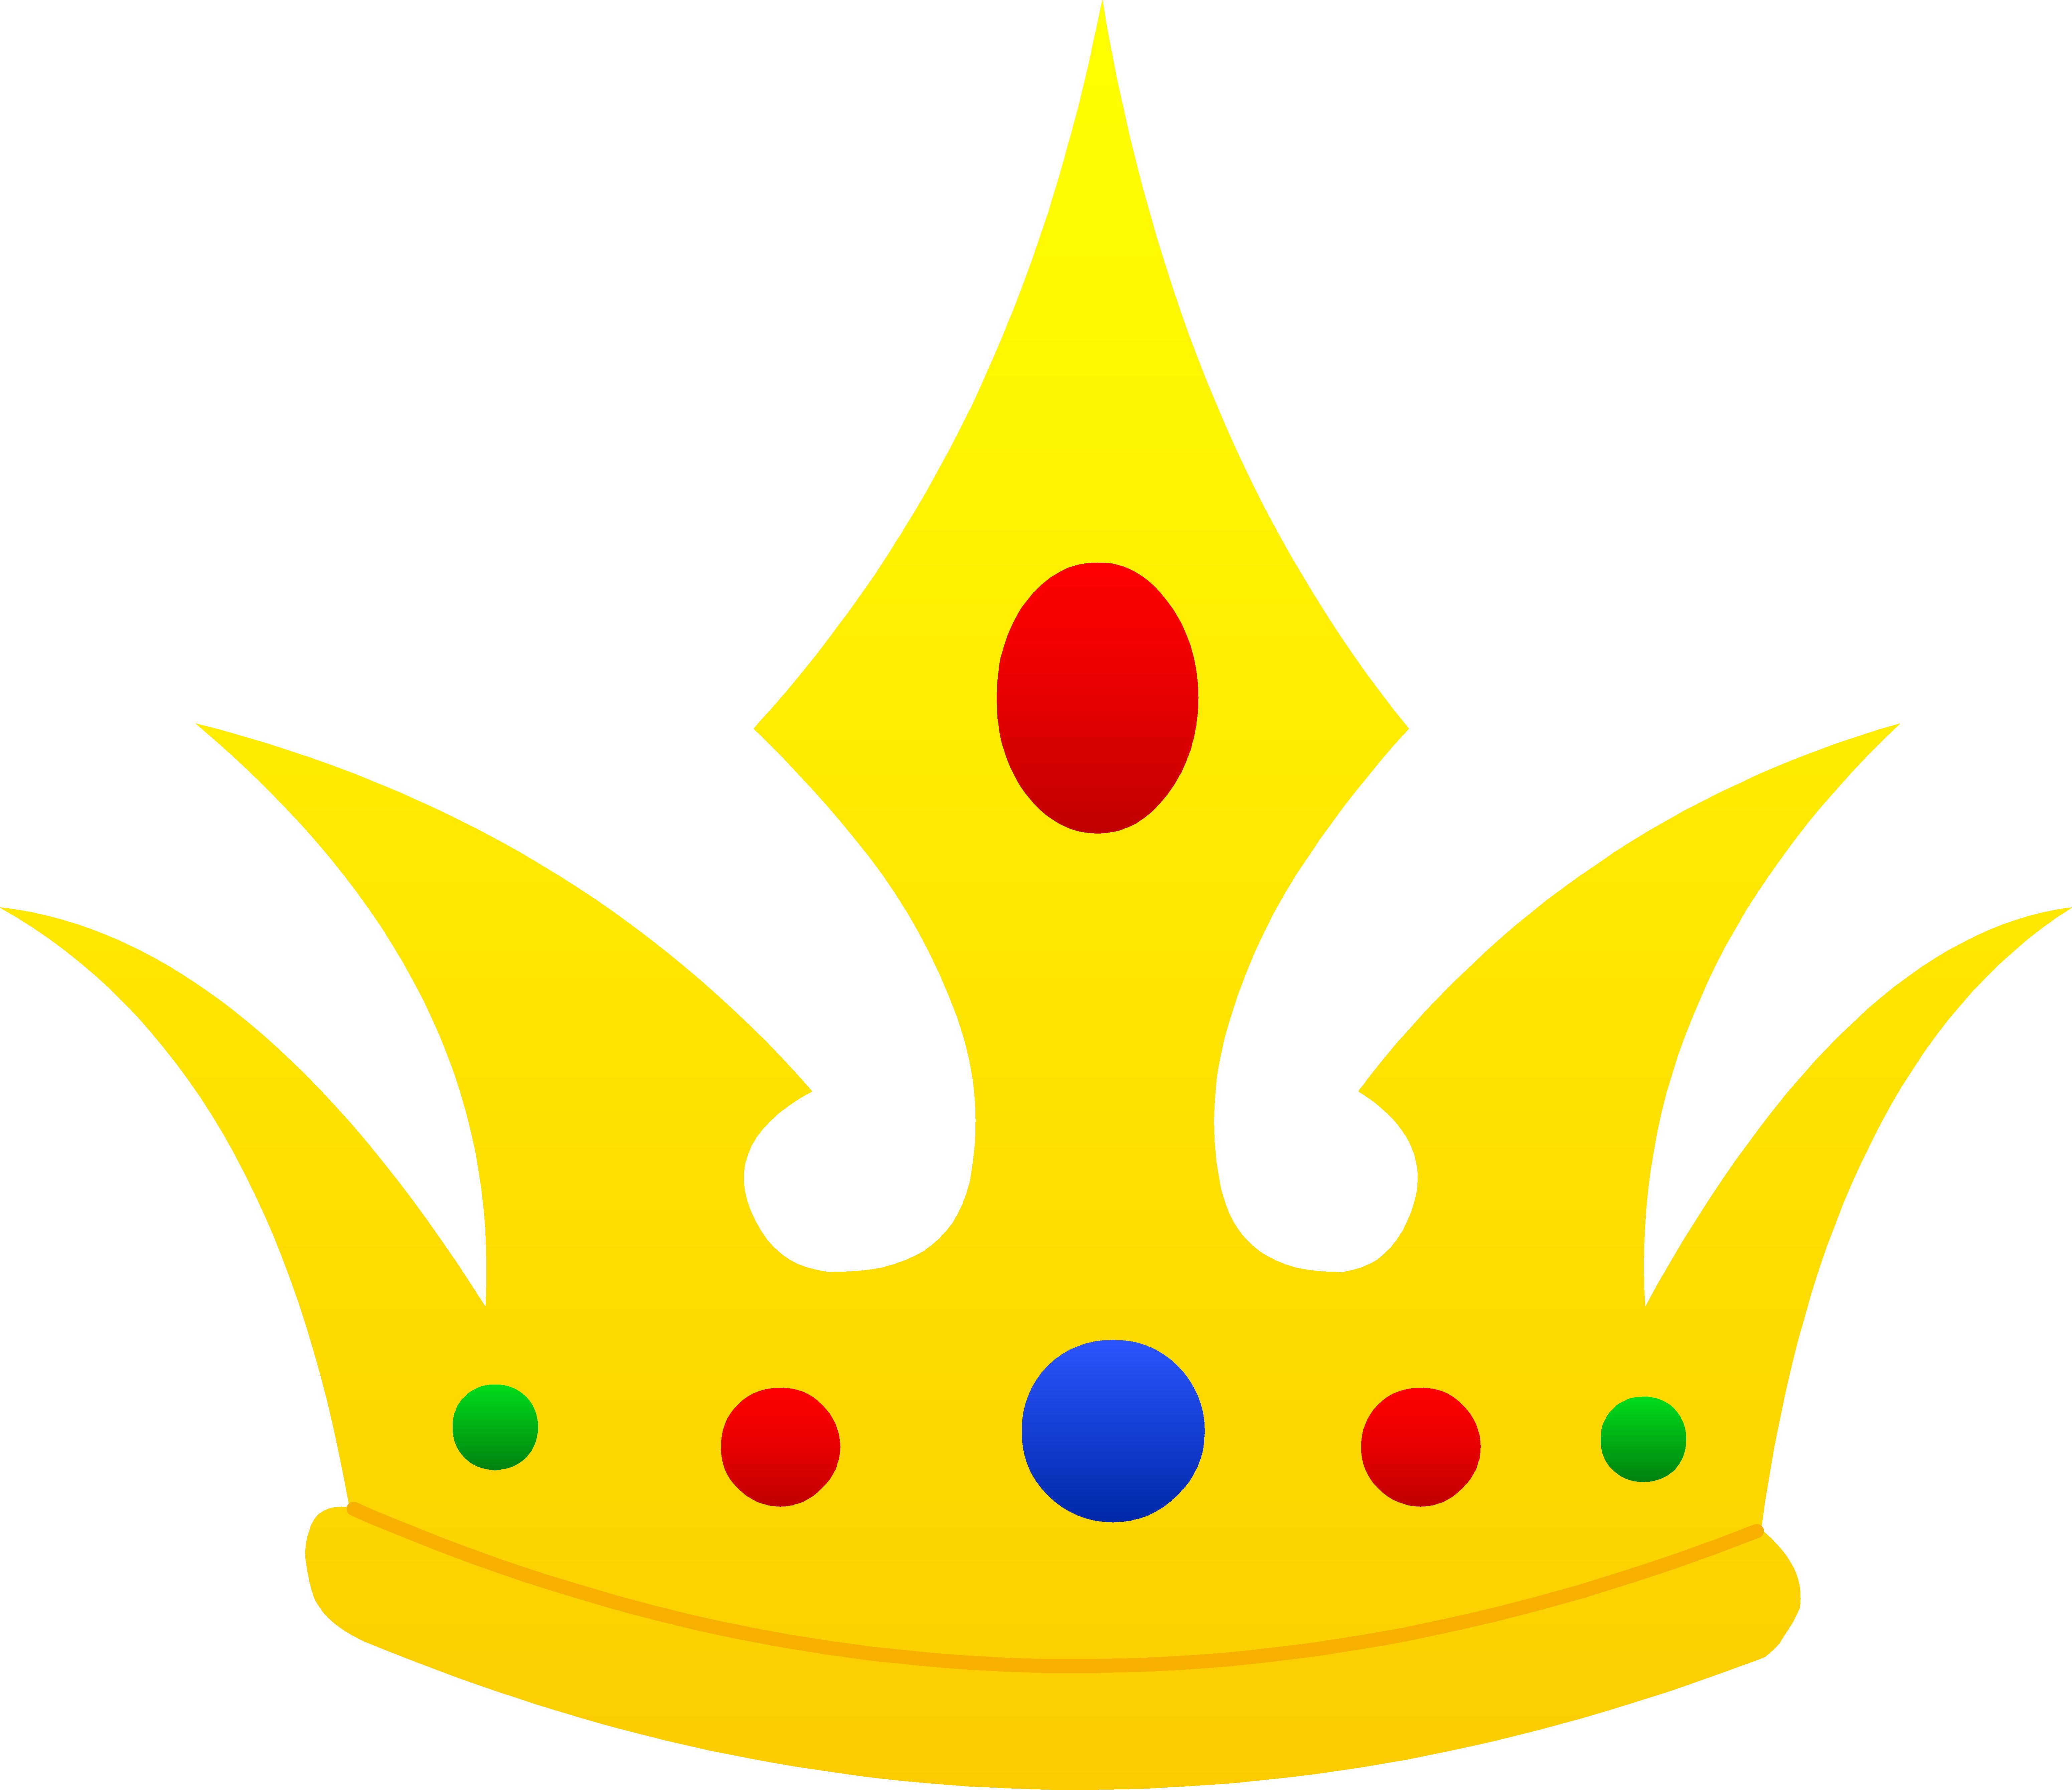 6203x5360 Pointed Golden Crown Design